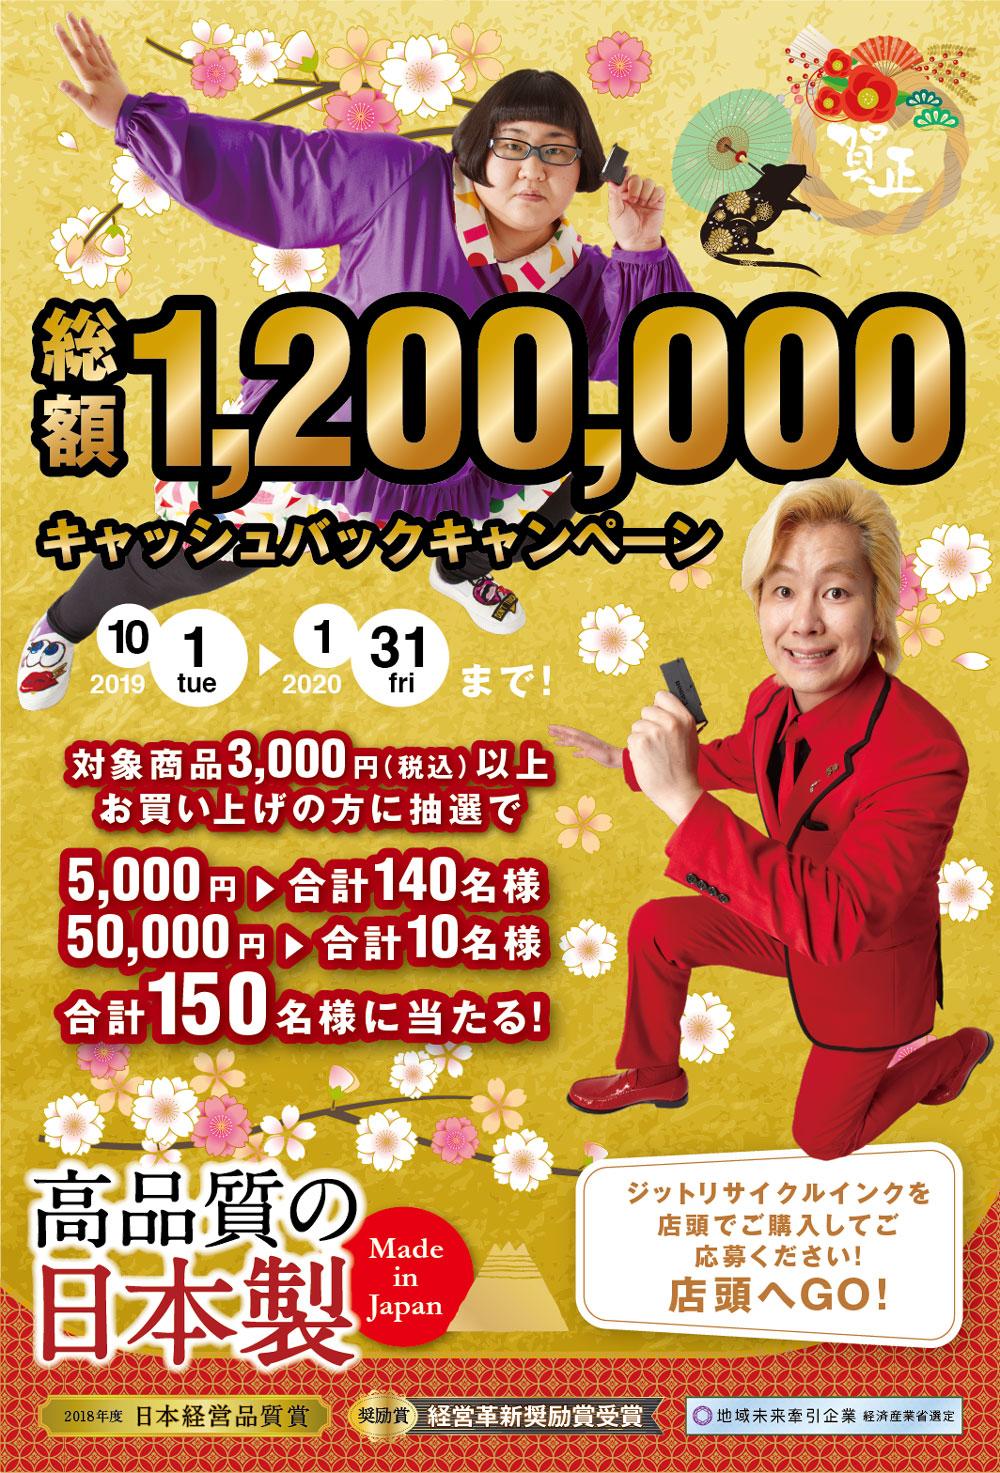 総額120万円キャッシュバックキャンペーン実施中